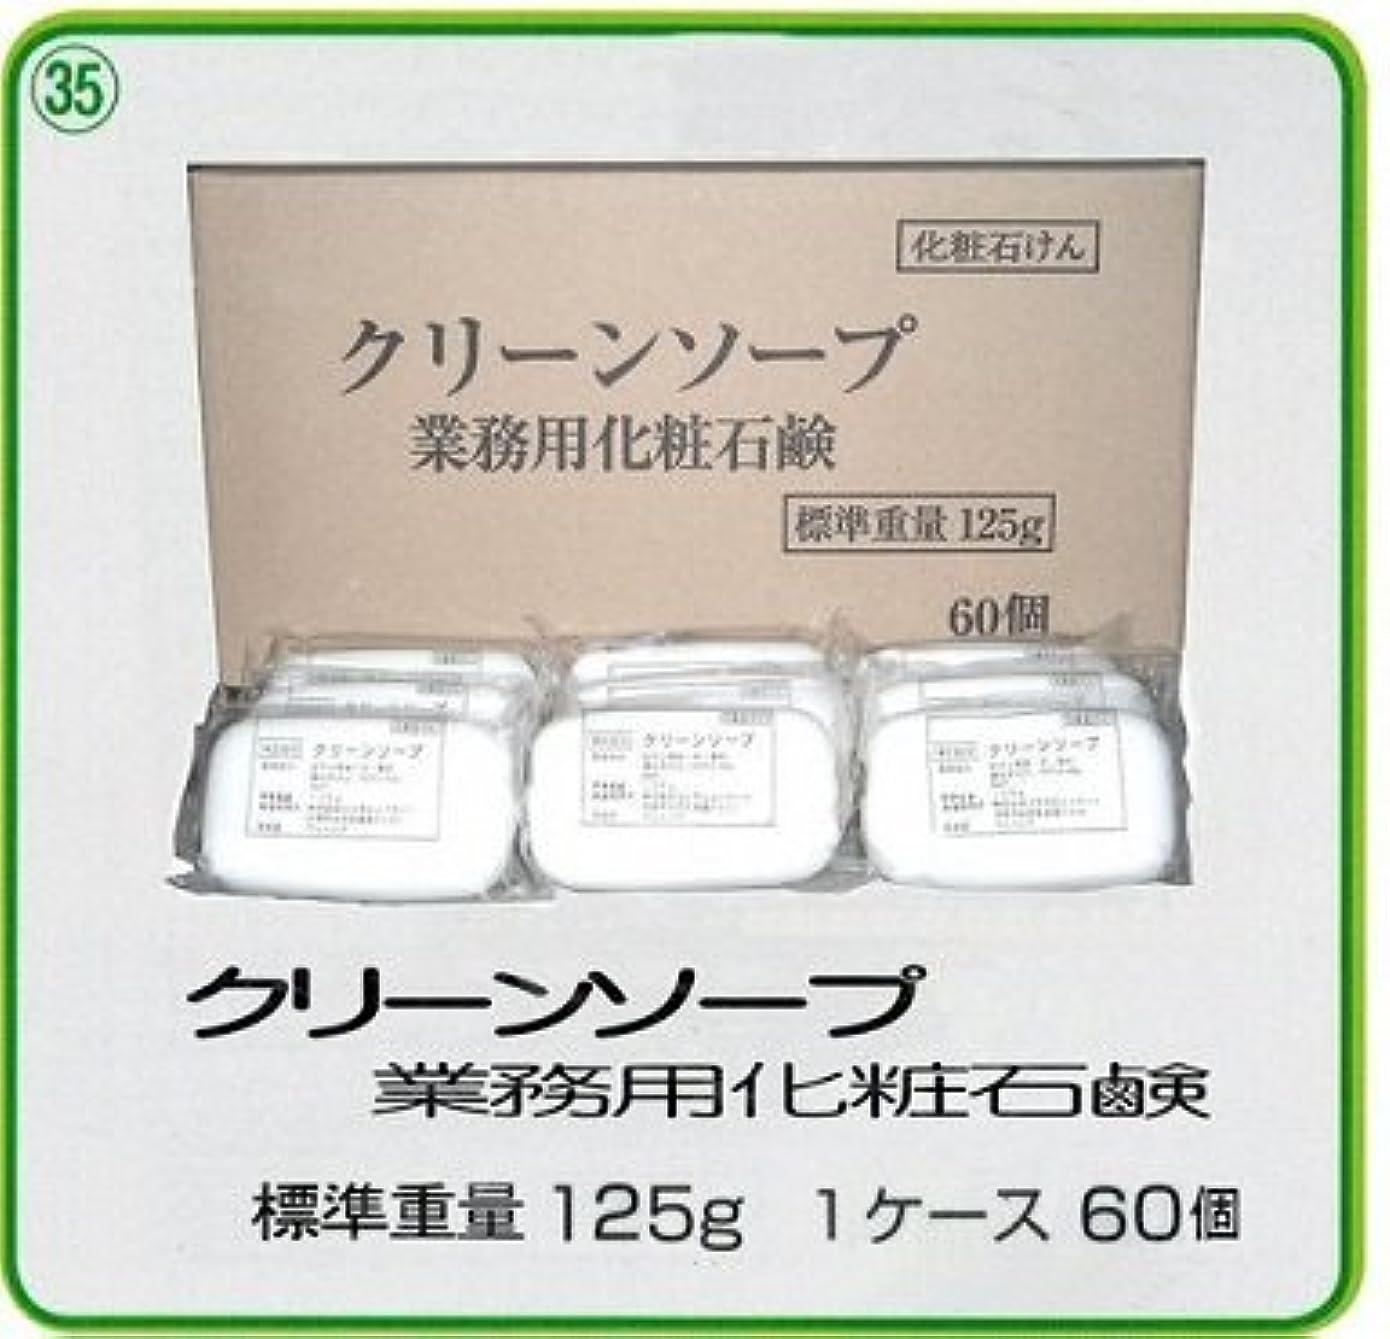 高速道路騒々しいページ業務用化粧石鹸 クリーンソープ1個125g/1箱60個入(品番7014)富士化成